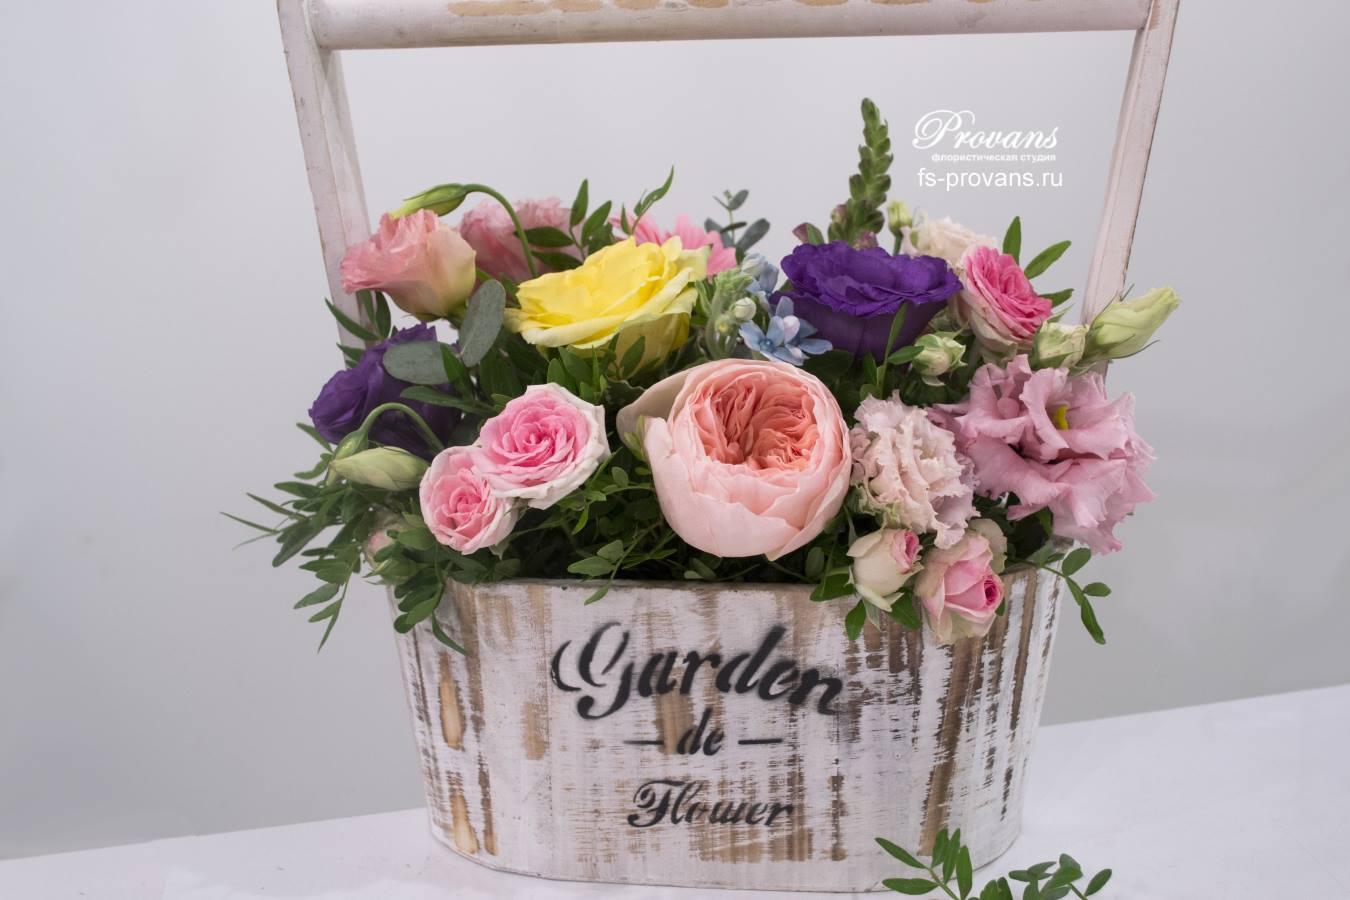 Цветы в ящике. Пионовидная роза, эустома